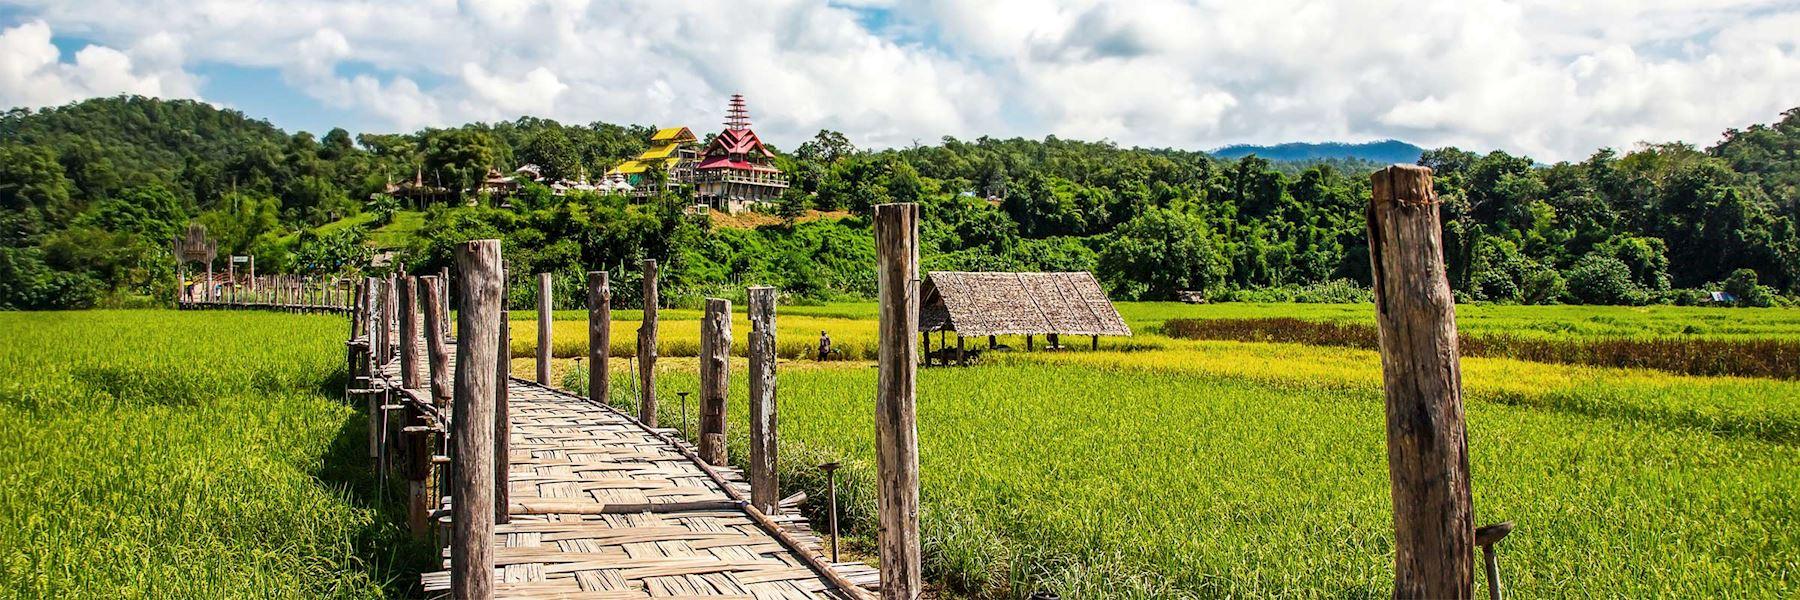 Visit Mae Hong Son, Thailand